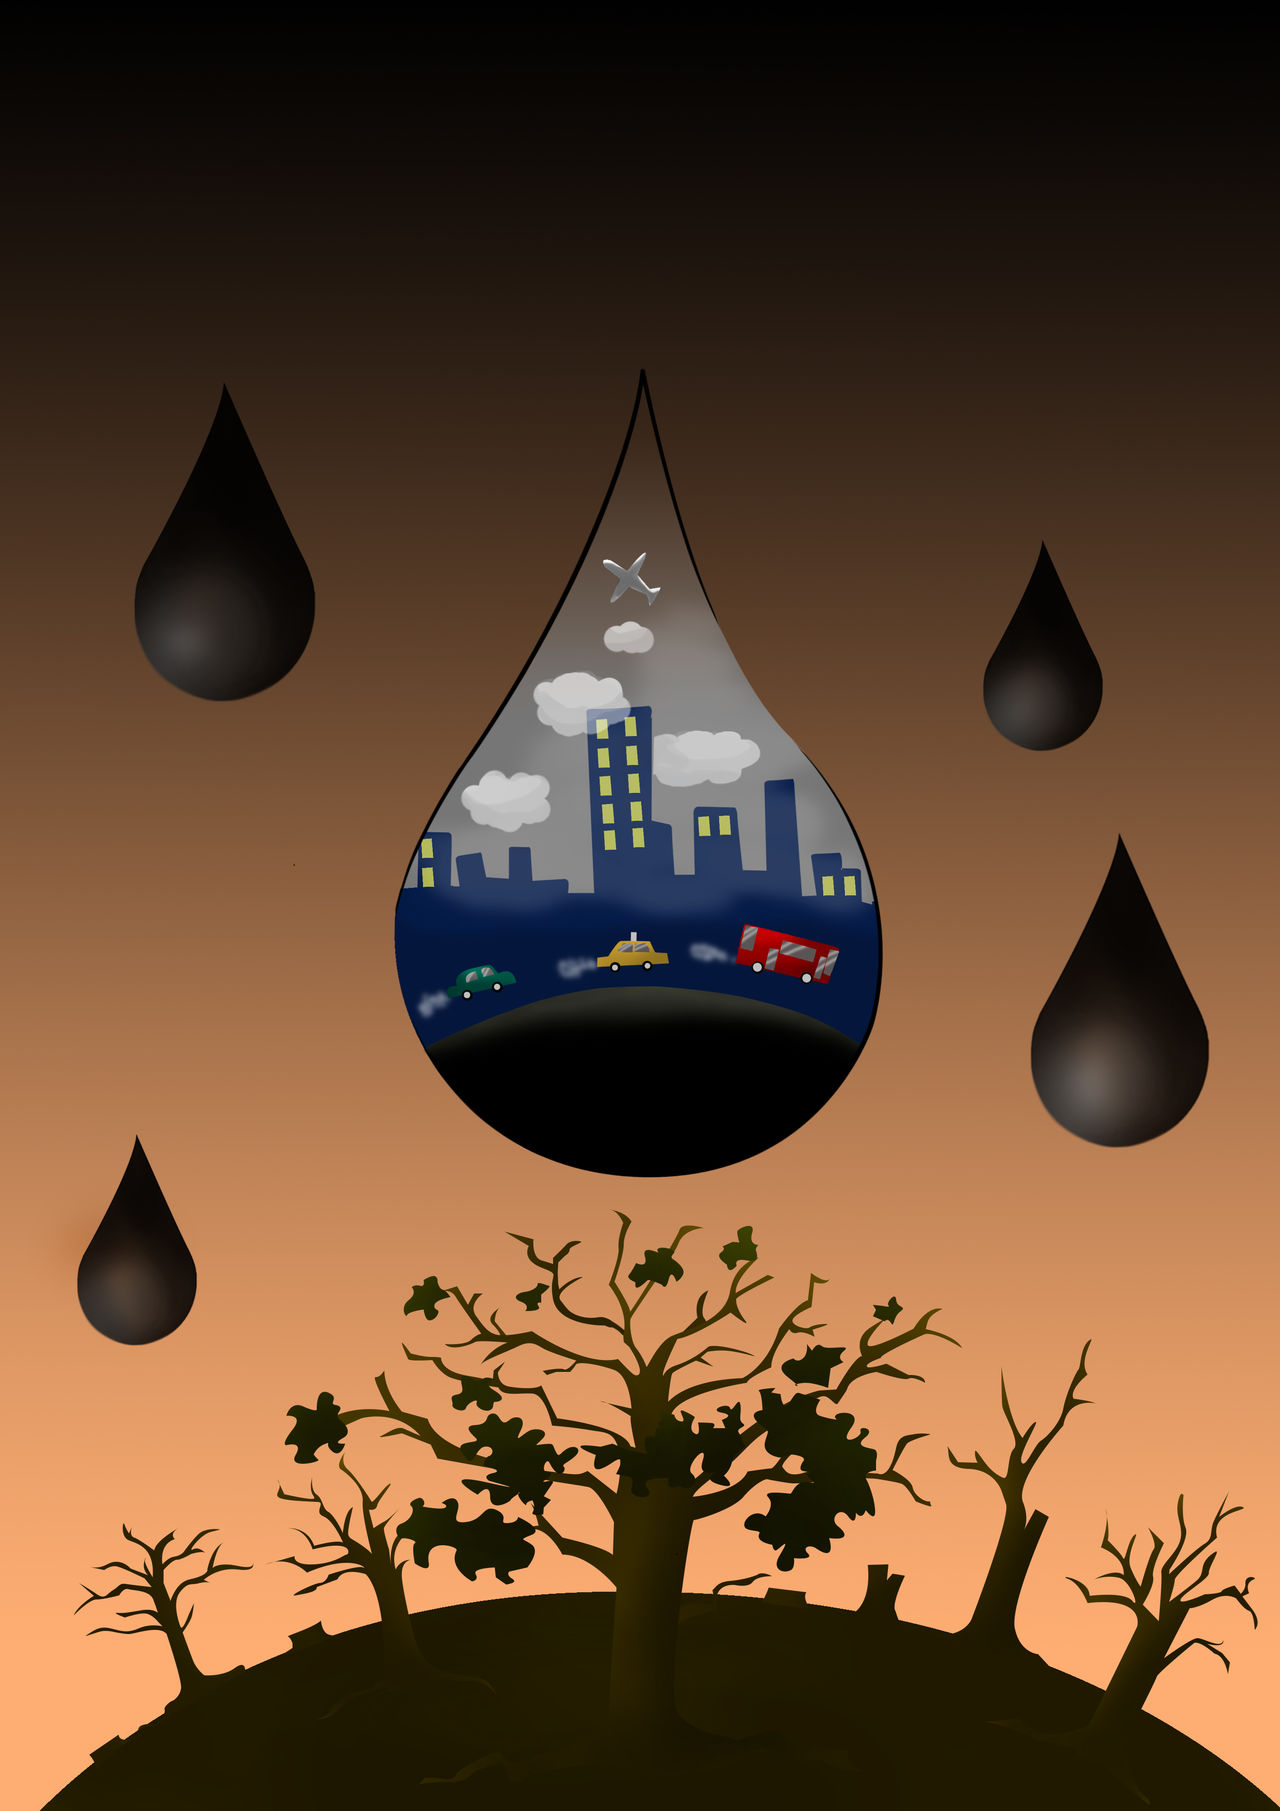 ฉoncept idea /Pollution of the world / When industrial growth The world is destroyed Air Atmosphere Building Carbon Chemistry City Climate Clouds Concept Dark Dead Destroyed Died Energy Environmental Conservation Gas Industry Pollution Smog Smoke Technology Tree Urban Water World